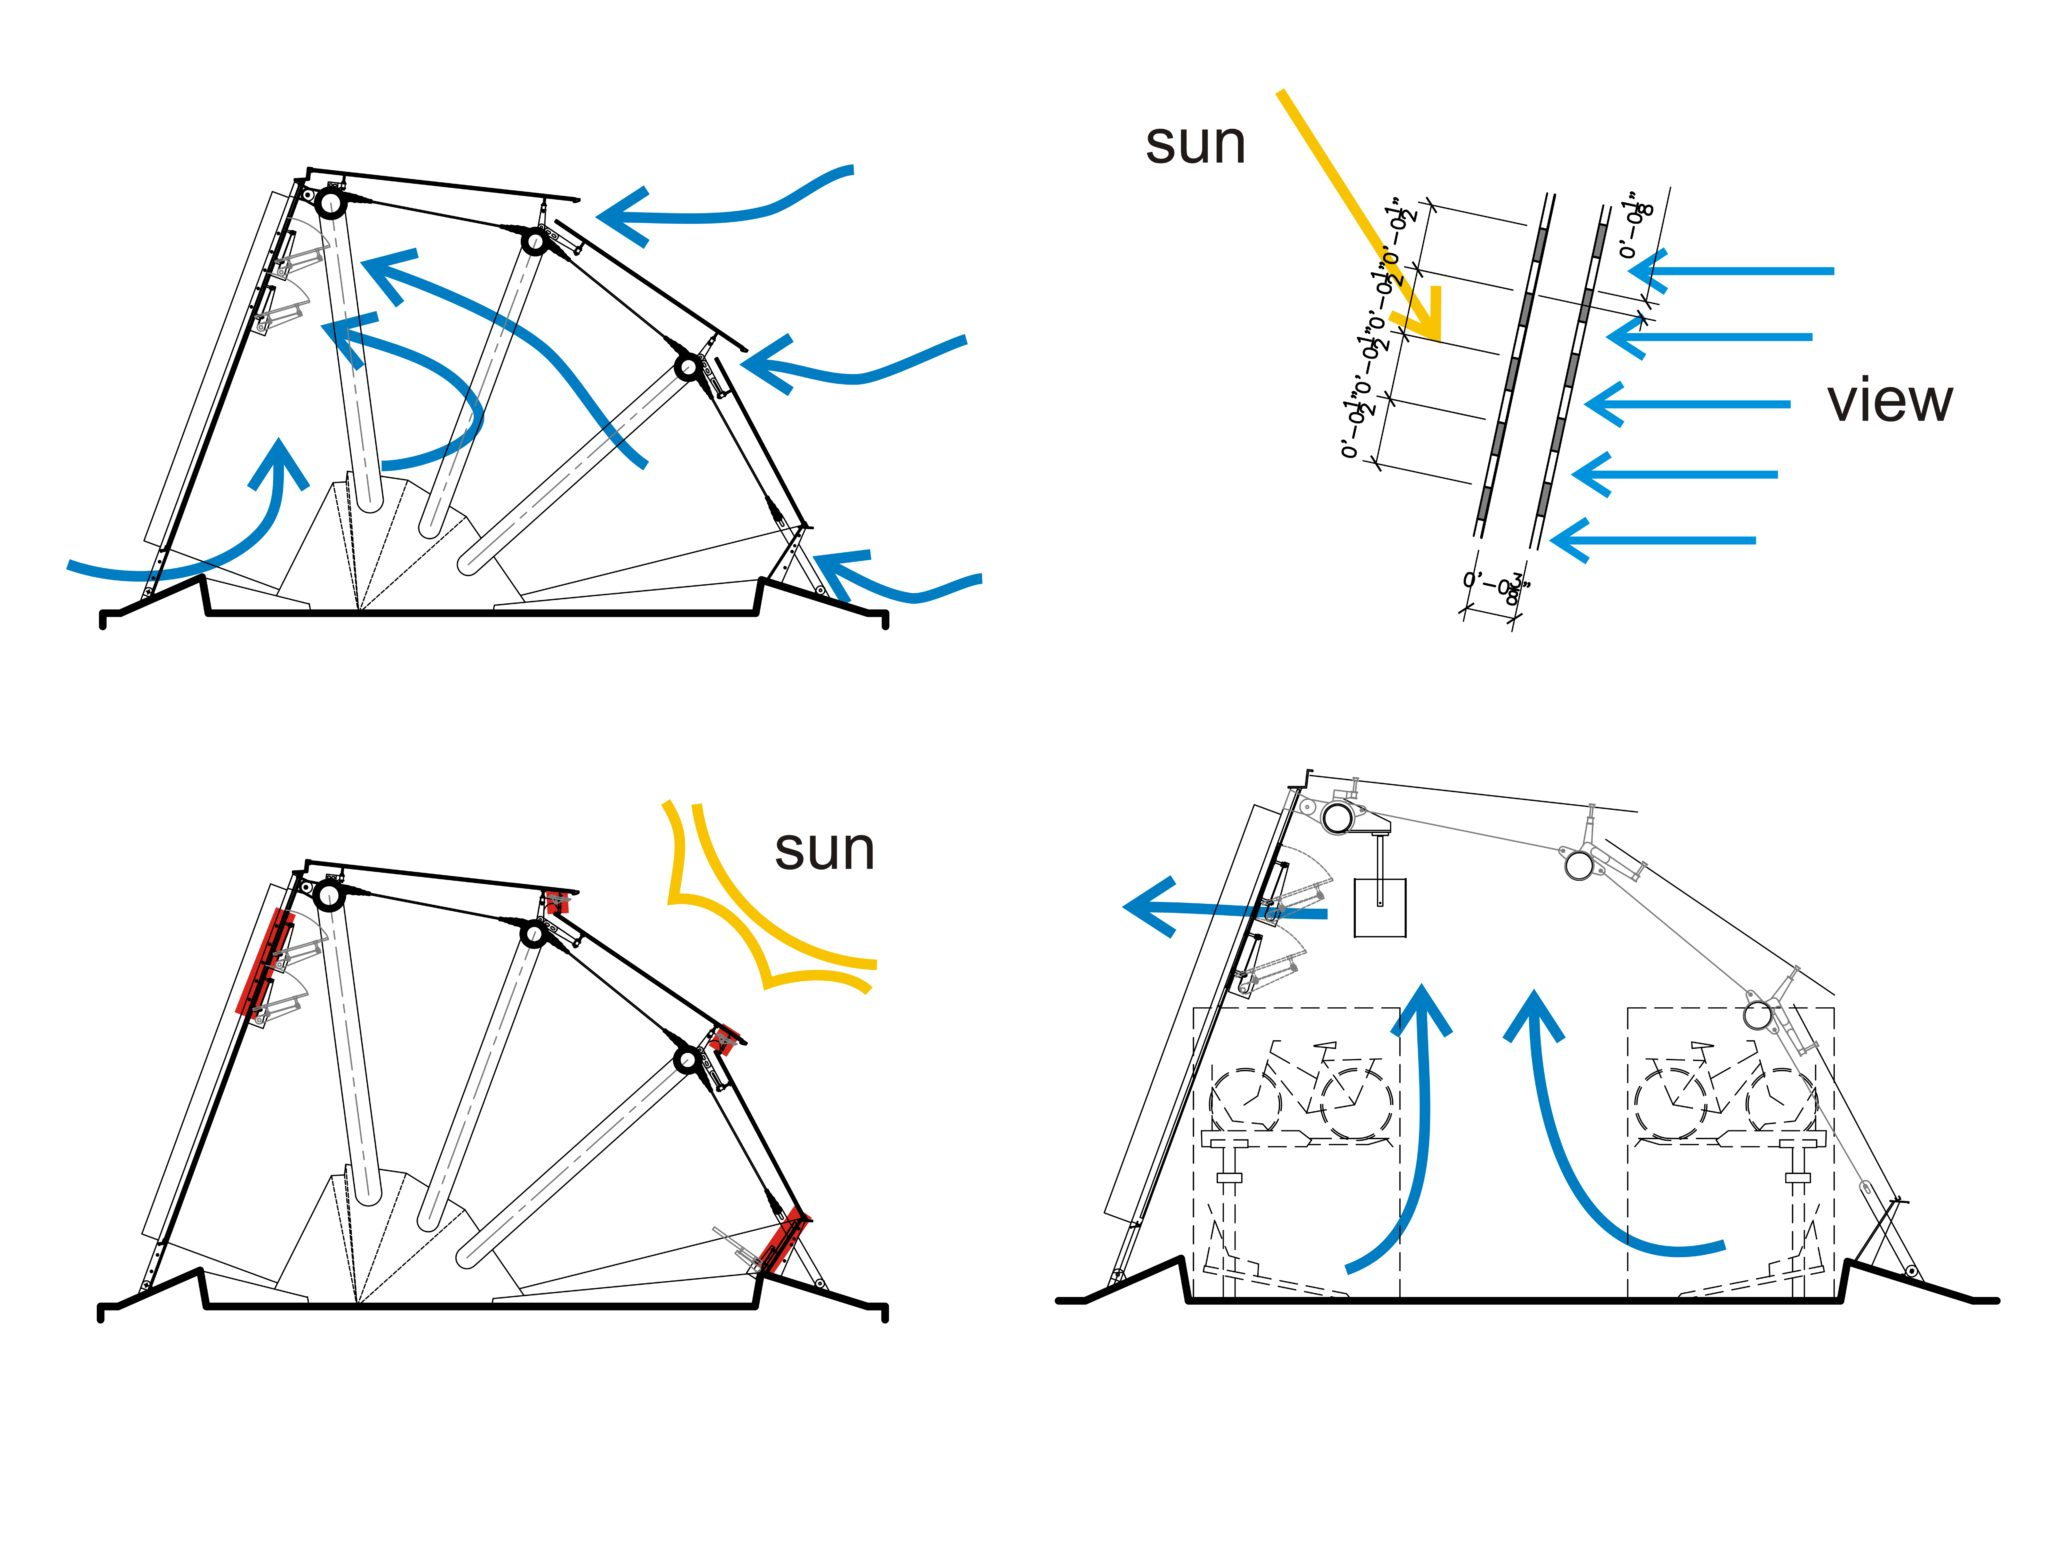 diagrams.